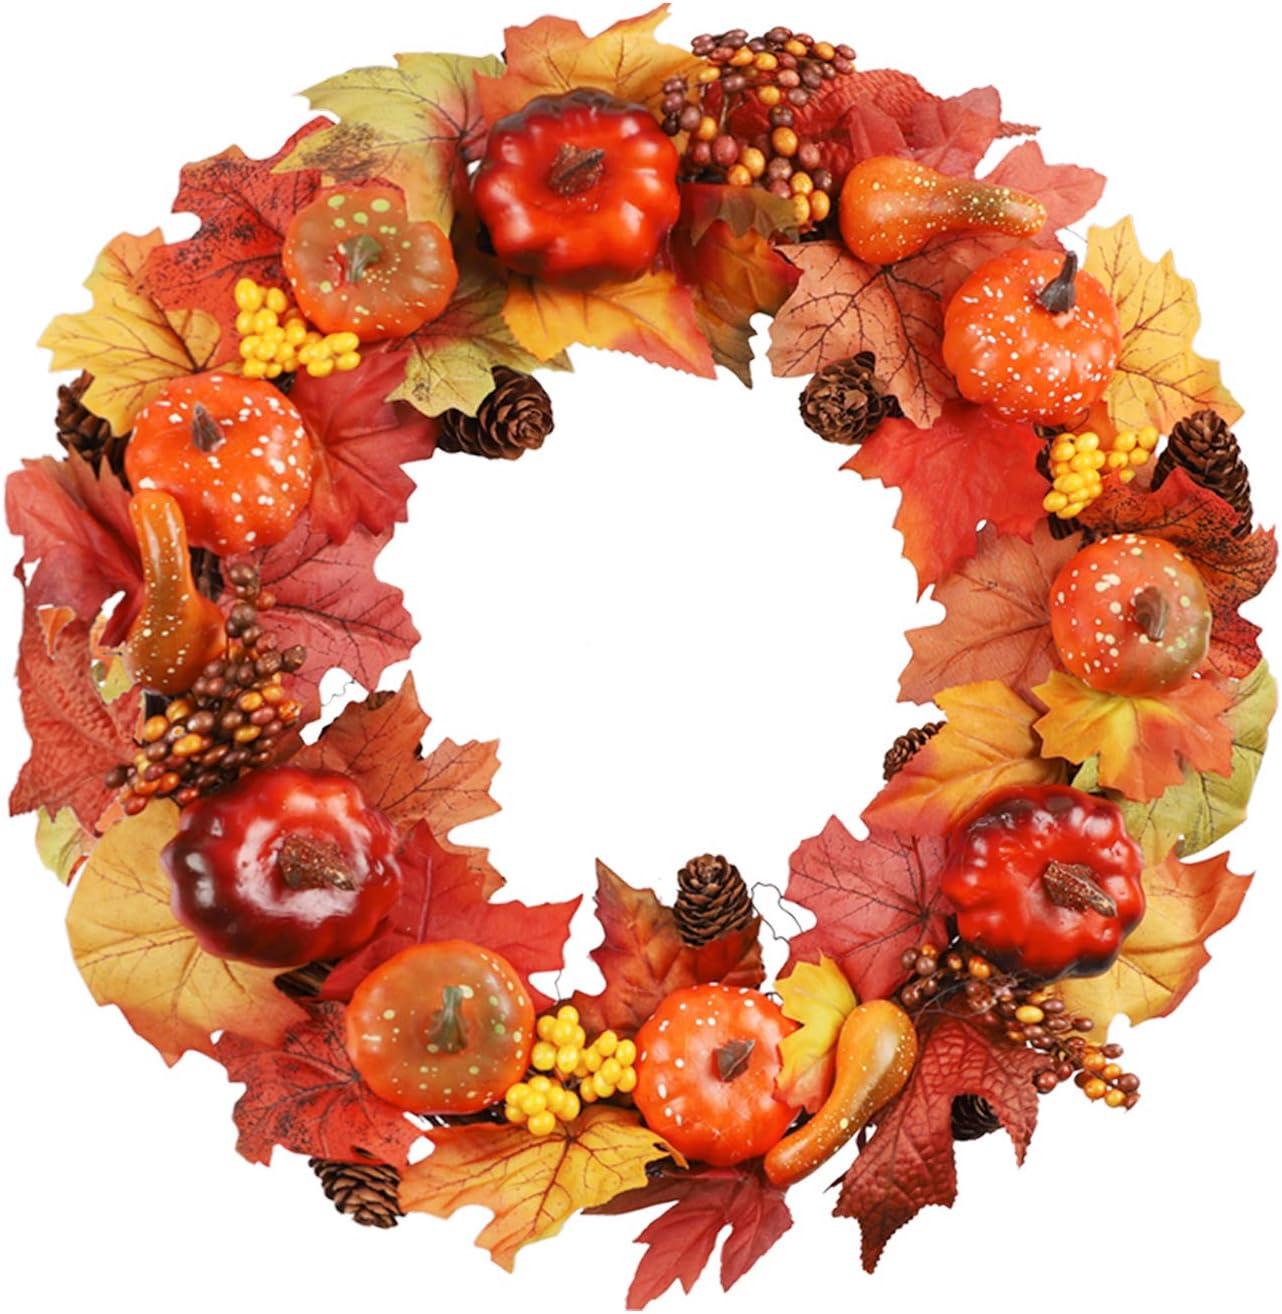 Artificial Wreath Rattan Frame With Pumpkin Halloween Thanksgiving Autumn Decors